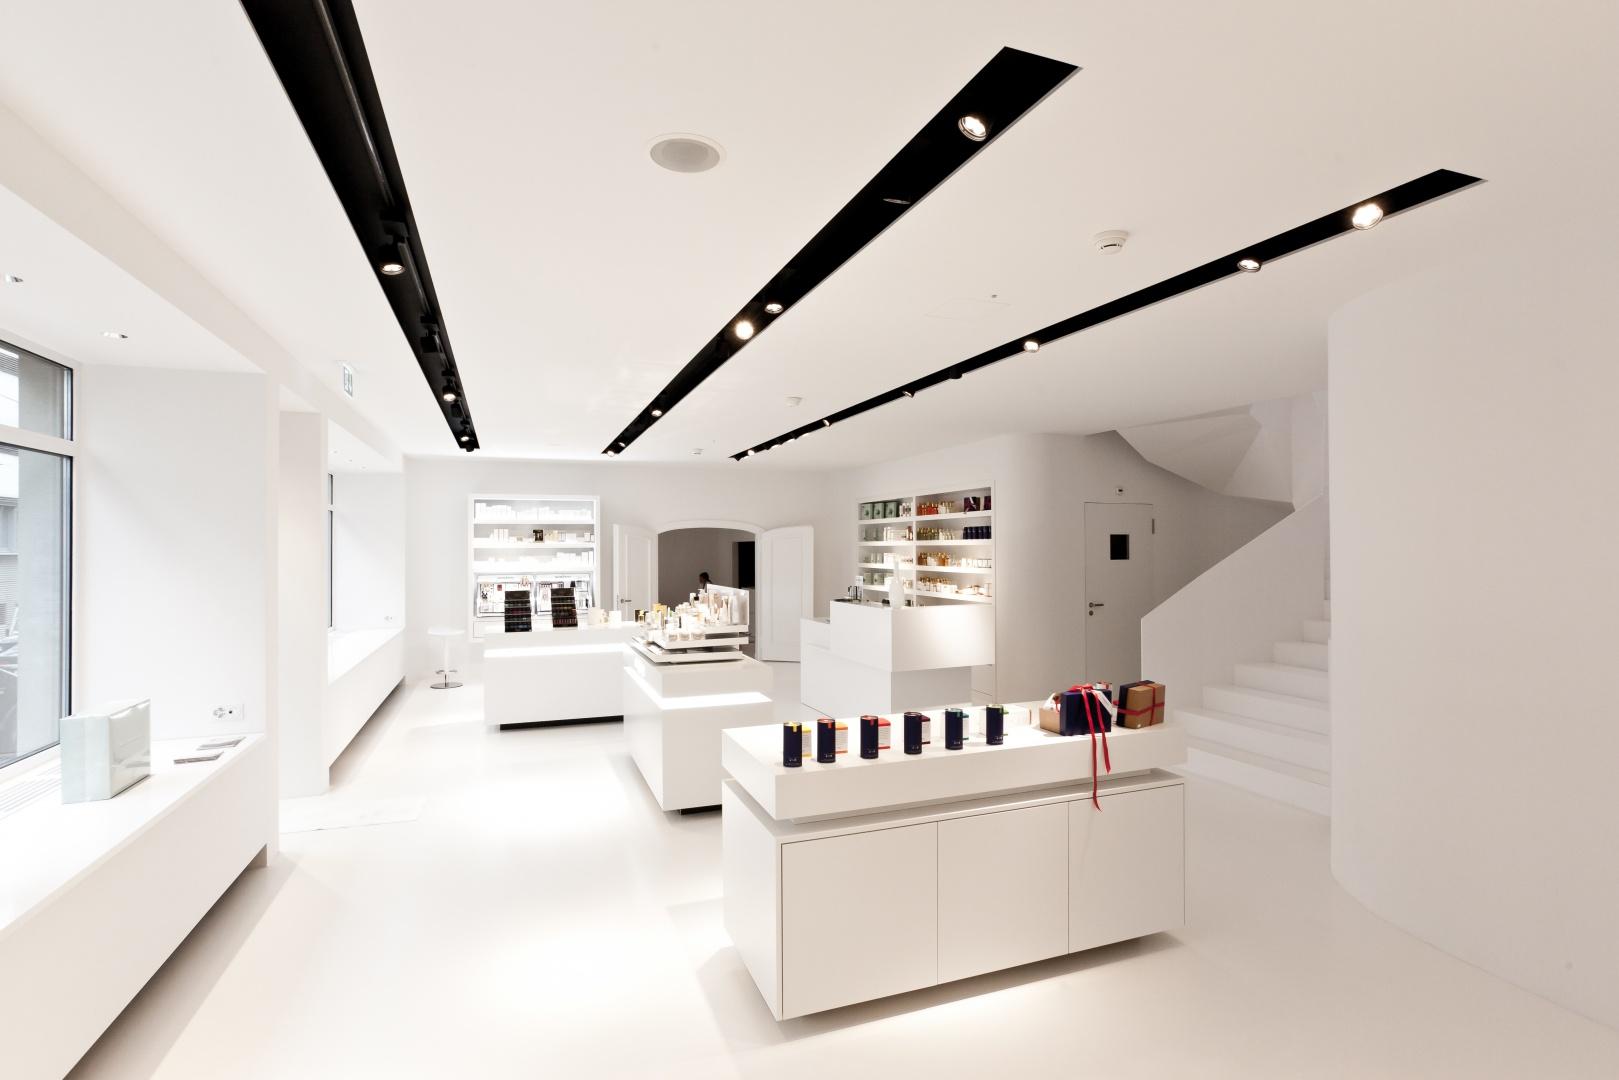 Verkaufsbereich © KREN Architektur AG